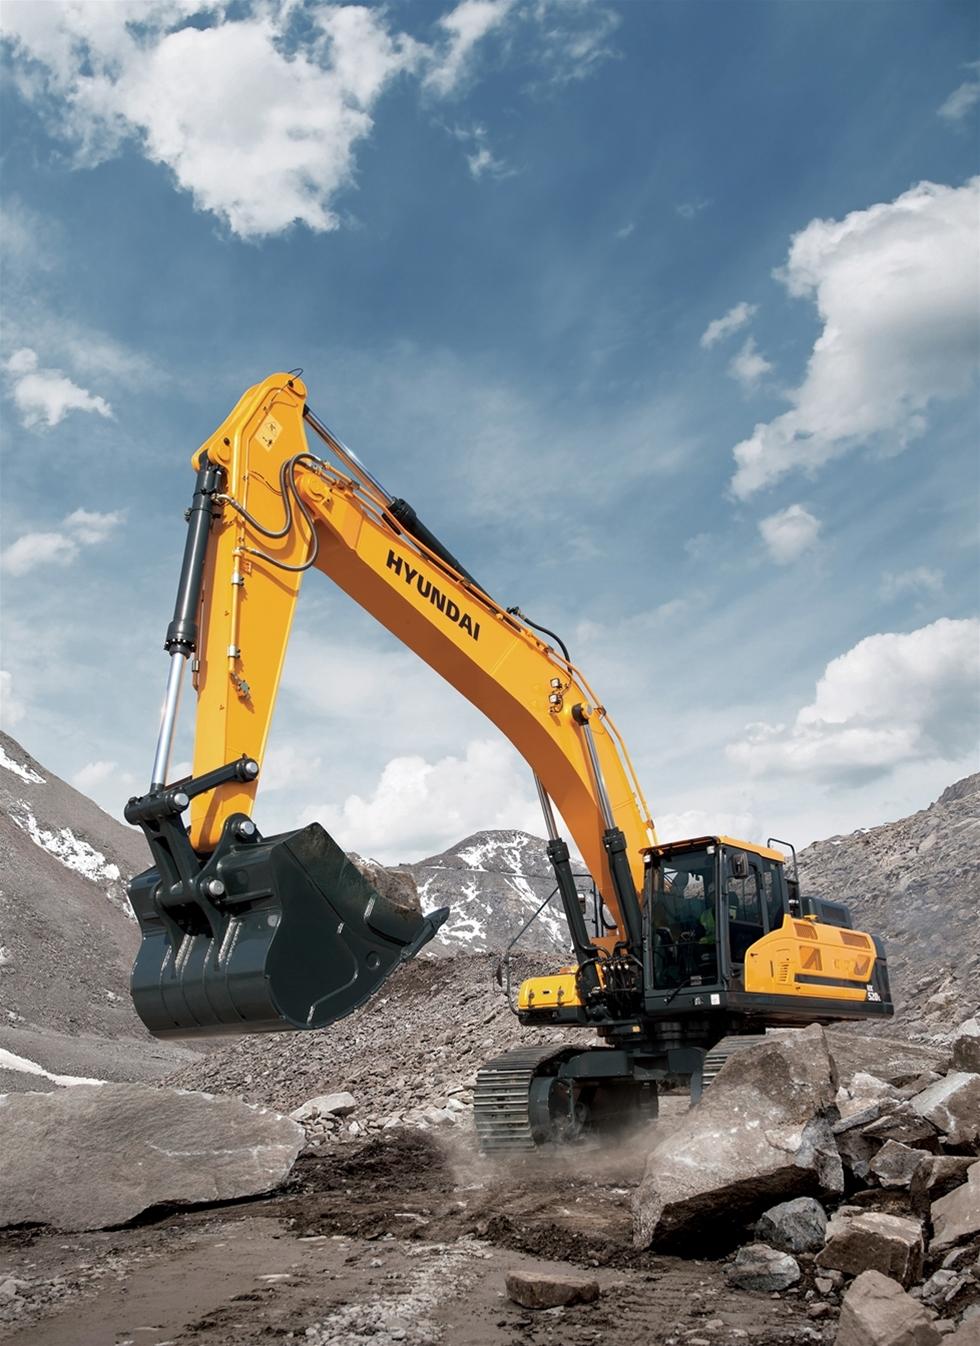 Scania ska leverera motorer till nästa generations stora grävmaskiner och hjullastare från Hyundai Heavy Industries Construction Equipment-division.